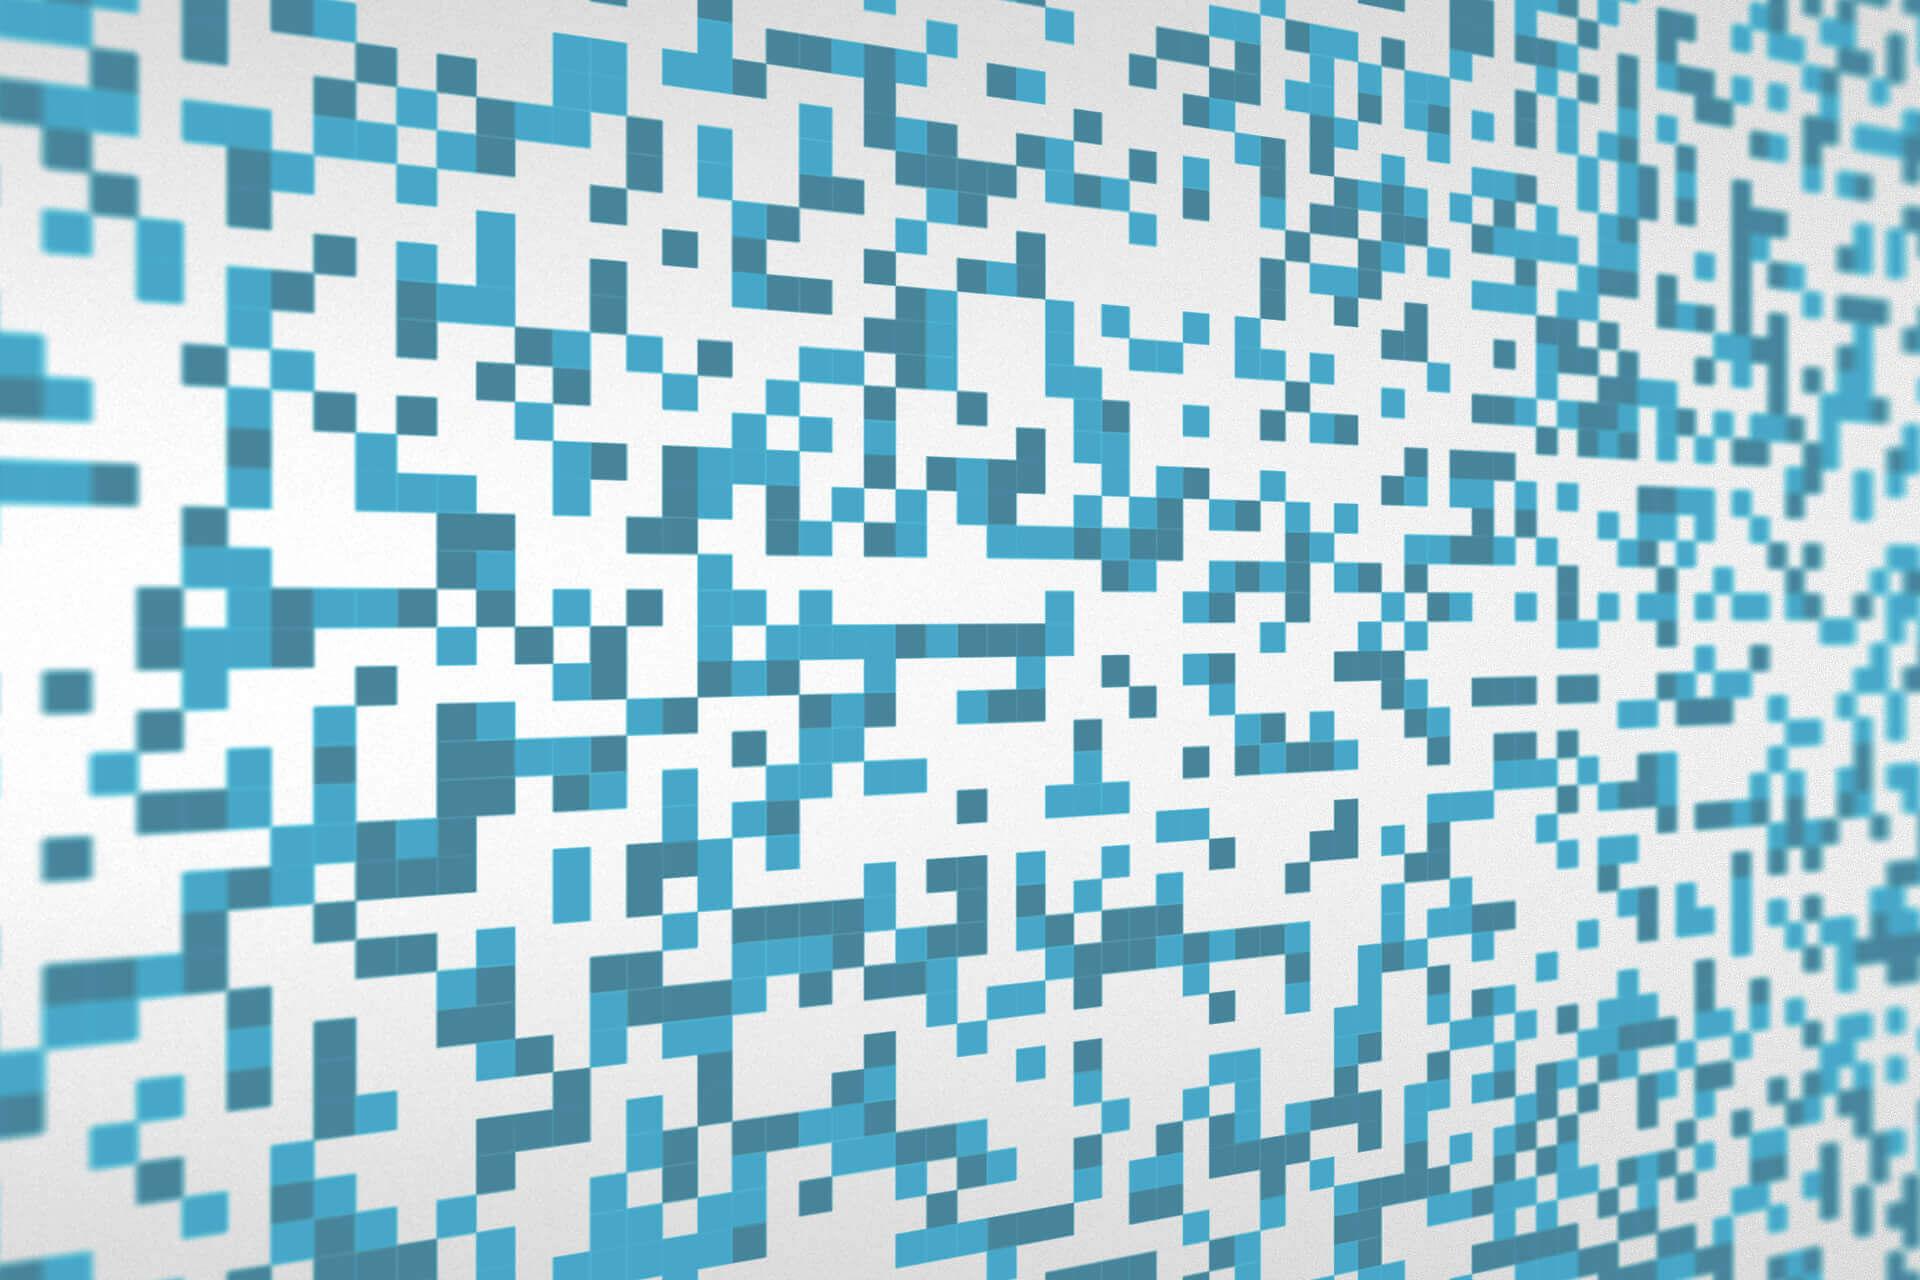 dpi, lpi, Pixel – Auflösung Erklärung dietz.digital